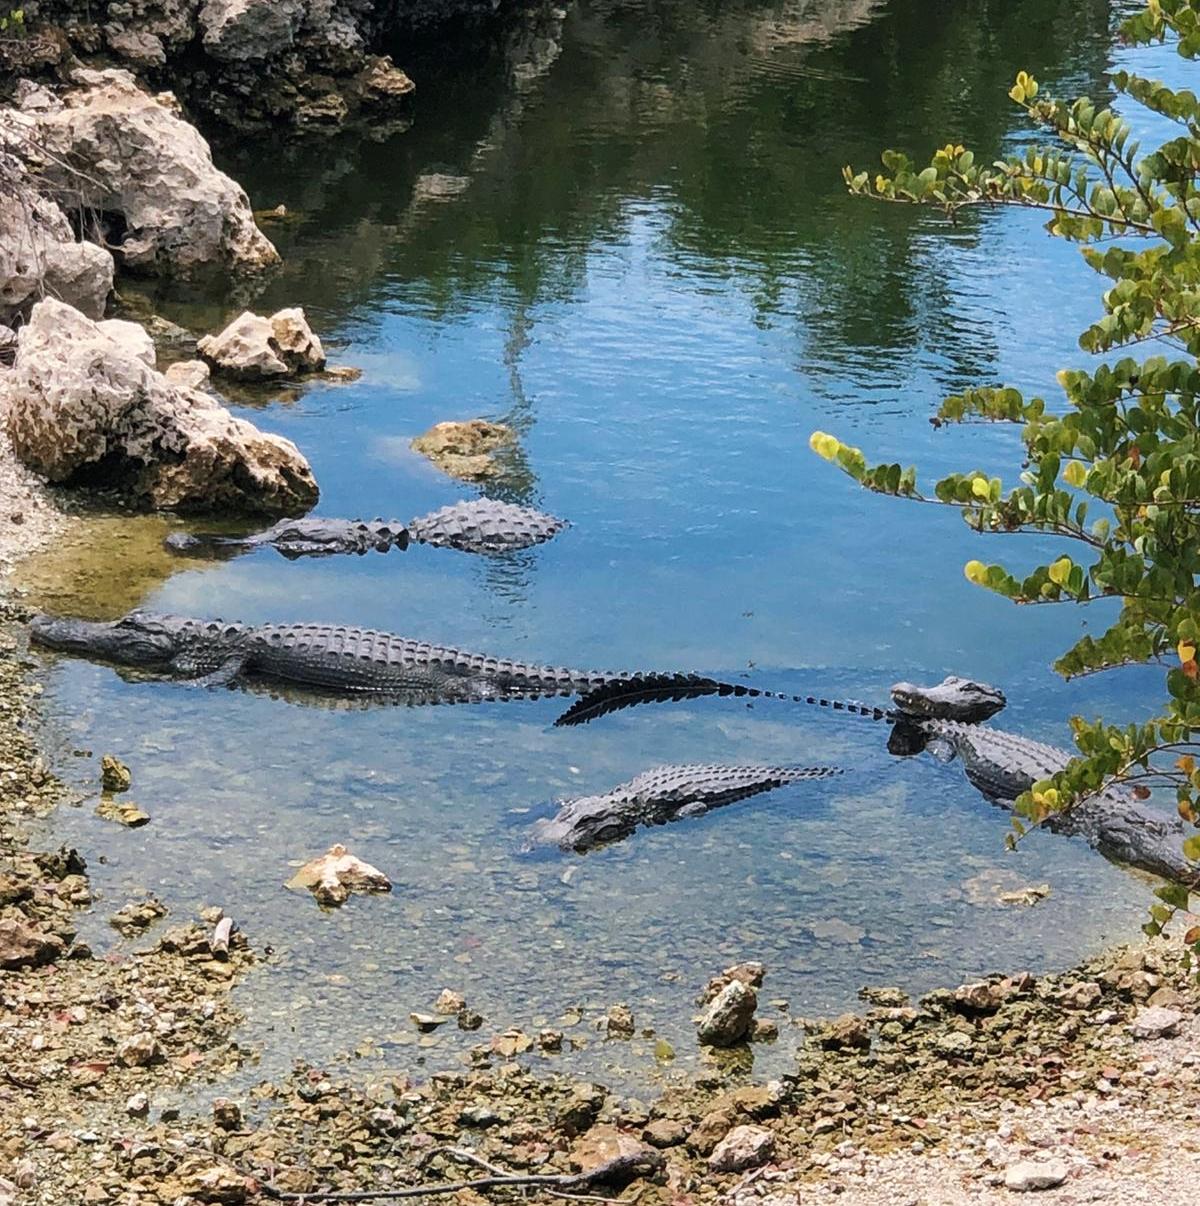 אטרקציות בפלורידה פארק לאומי אברגליידס